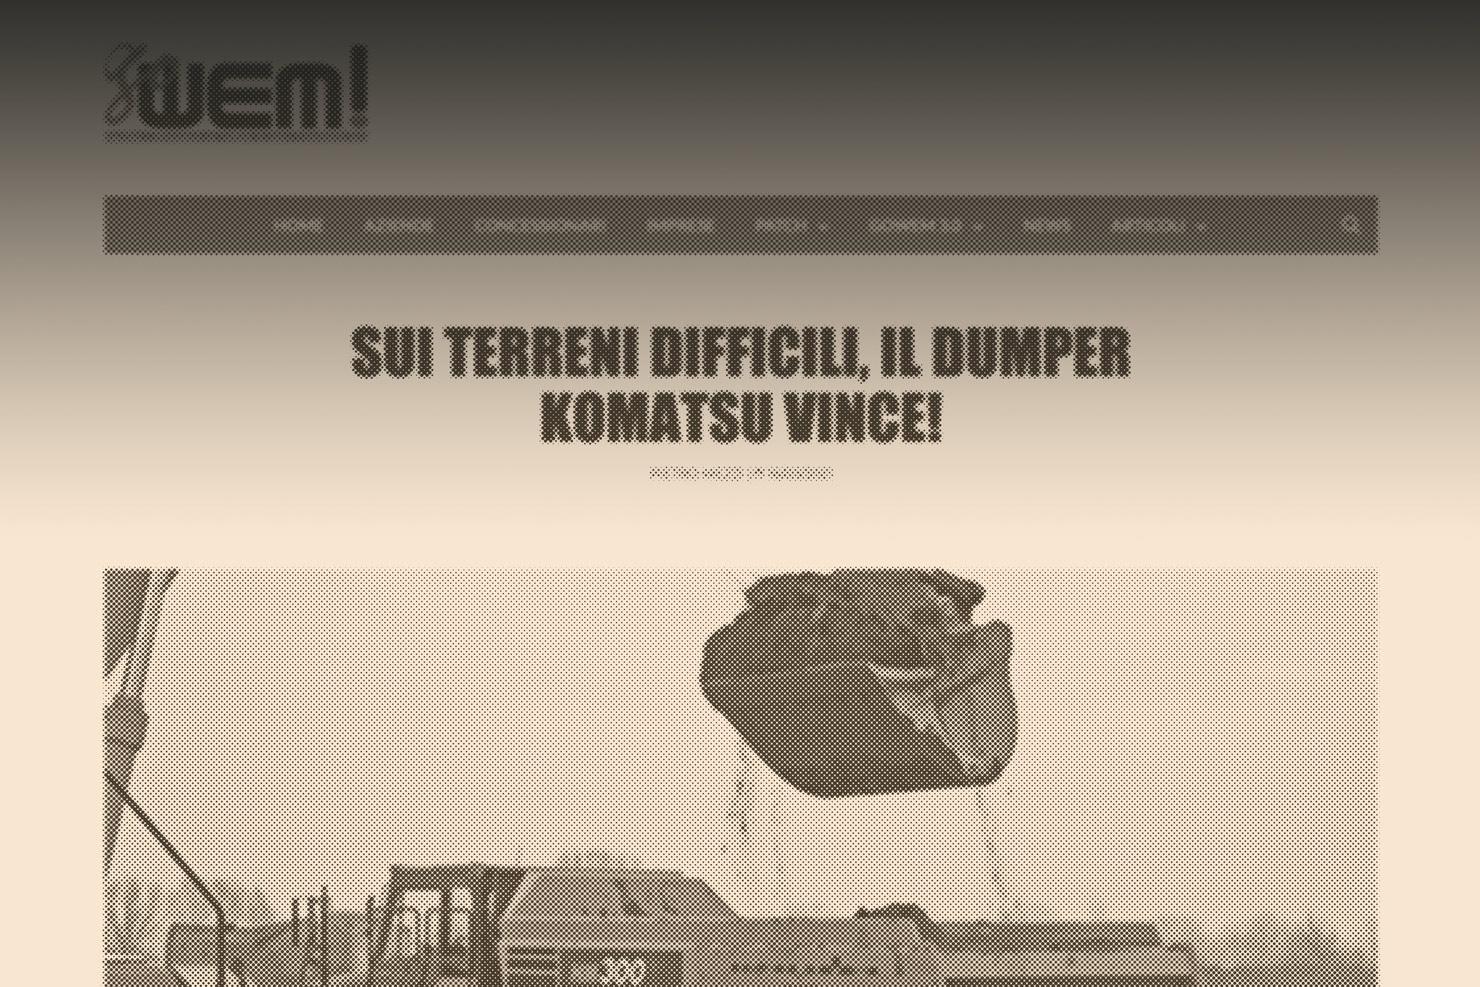 dall'esperienza Bassanetti… Sui terreni difficili, il dumper Komatsu vince!